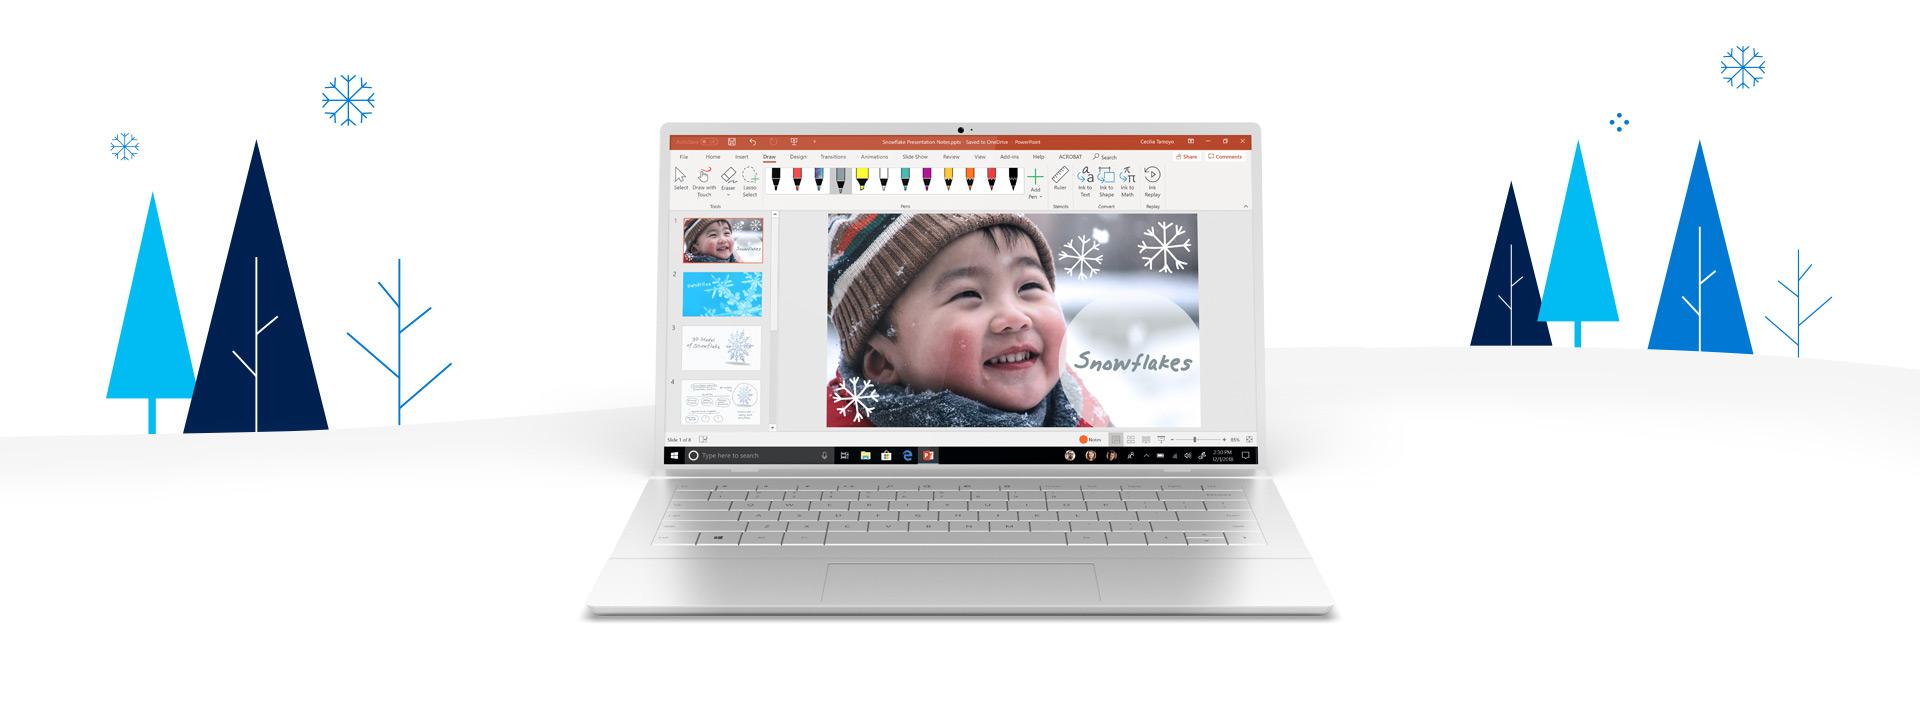 Un PC circondato da alberi e fiocchi di neve, sullo schermo un documento PowerPoint aperto